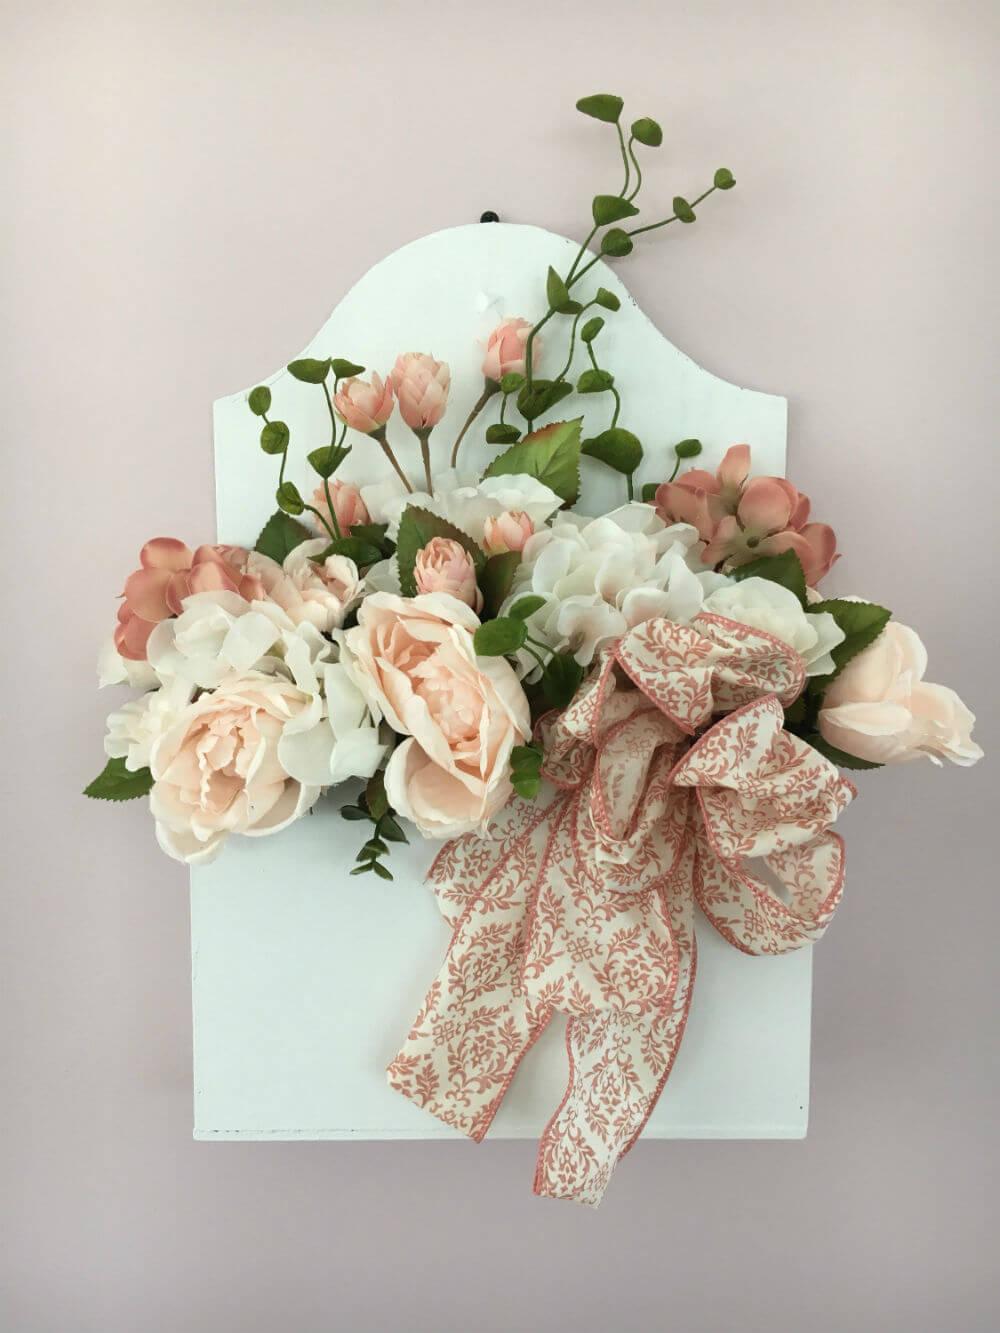 Une boîte de ferme de fleurs en soie délicate